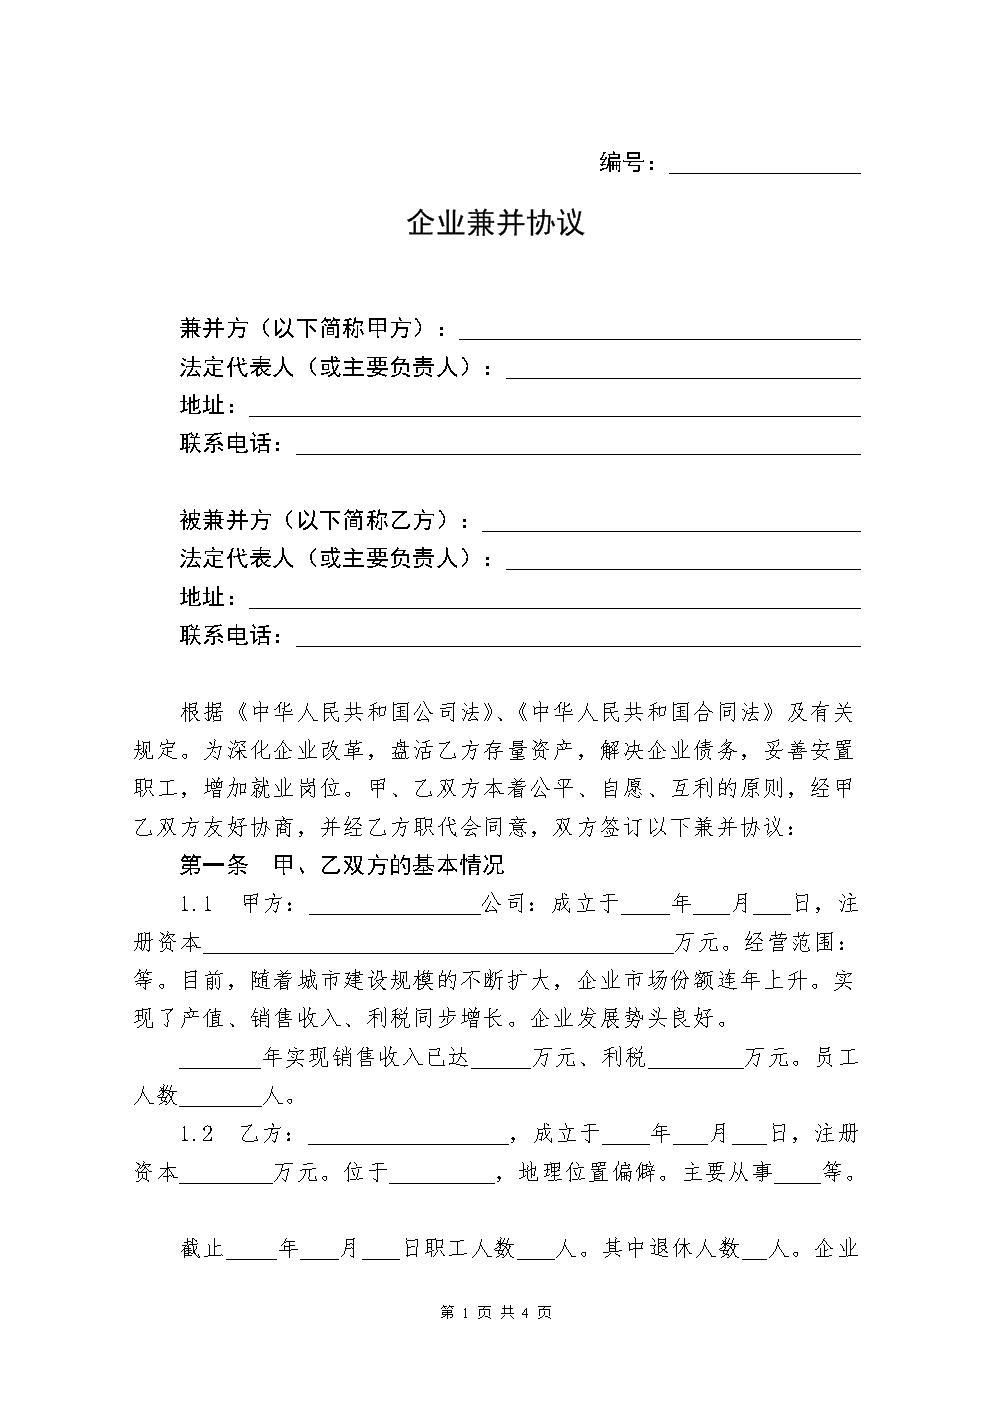 【1-43】企业兼并协议.doc